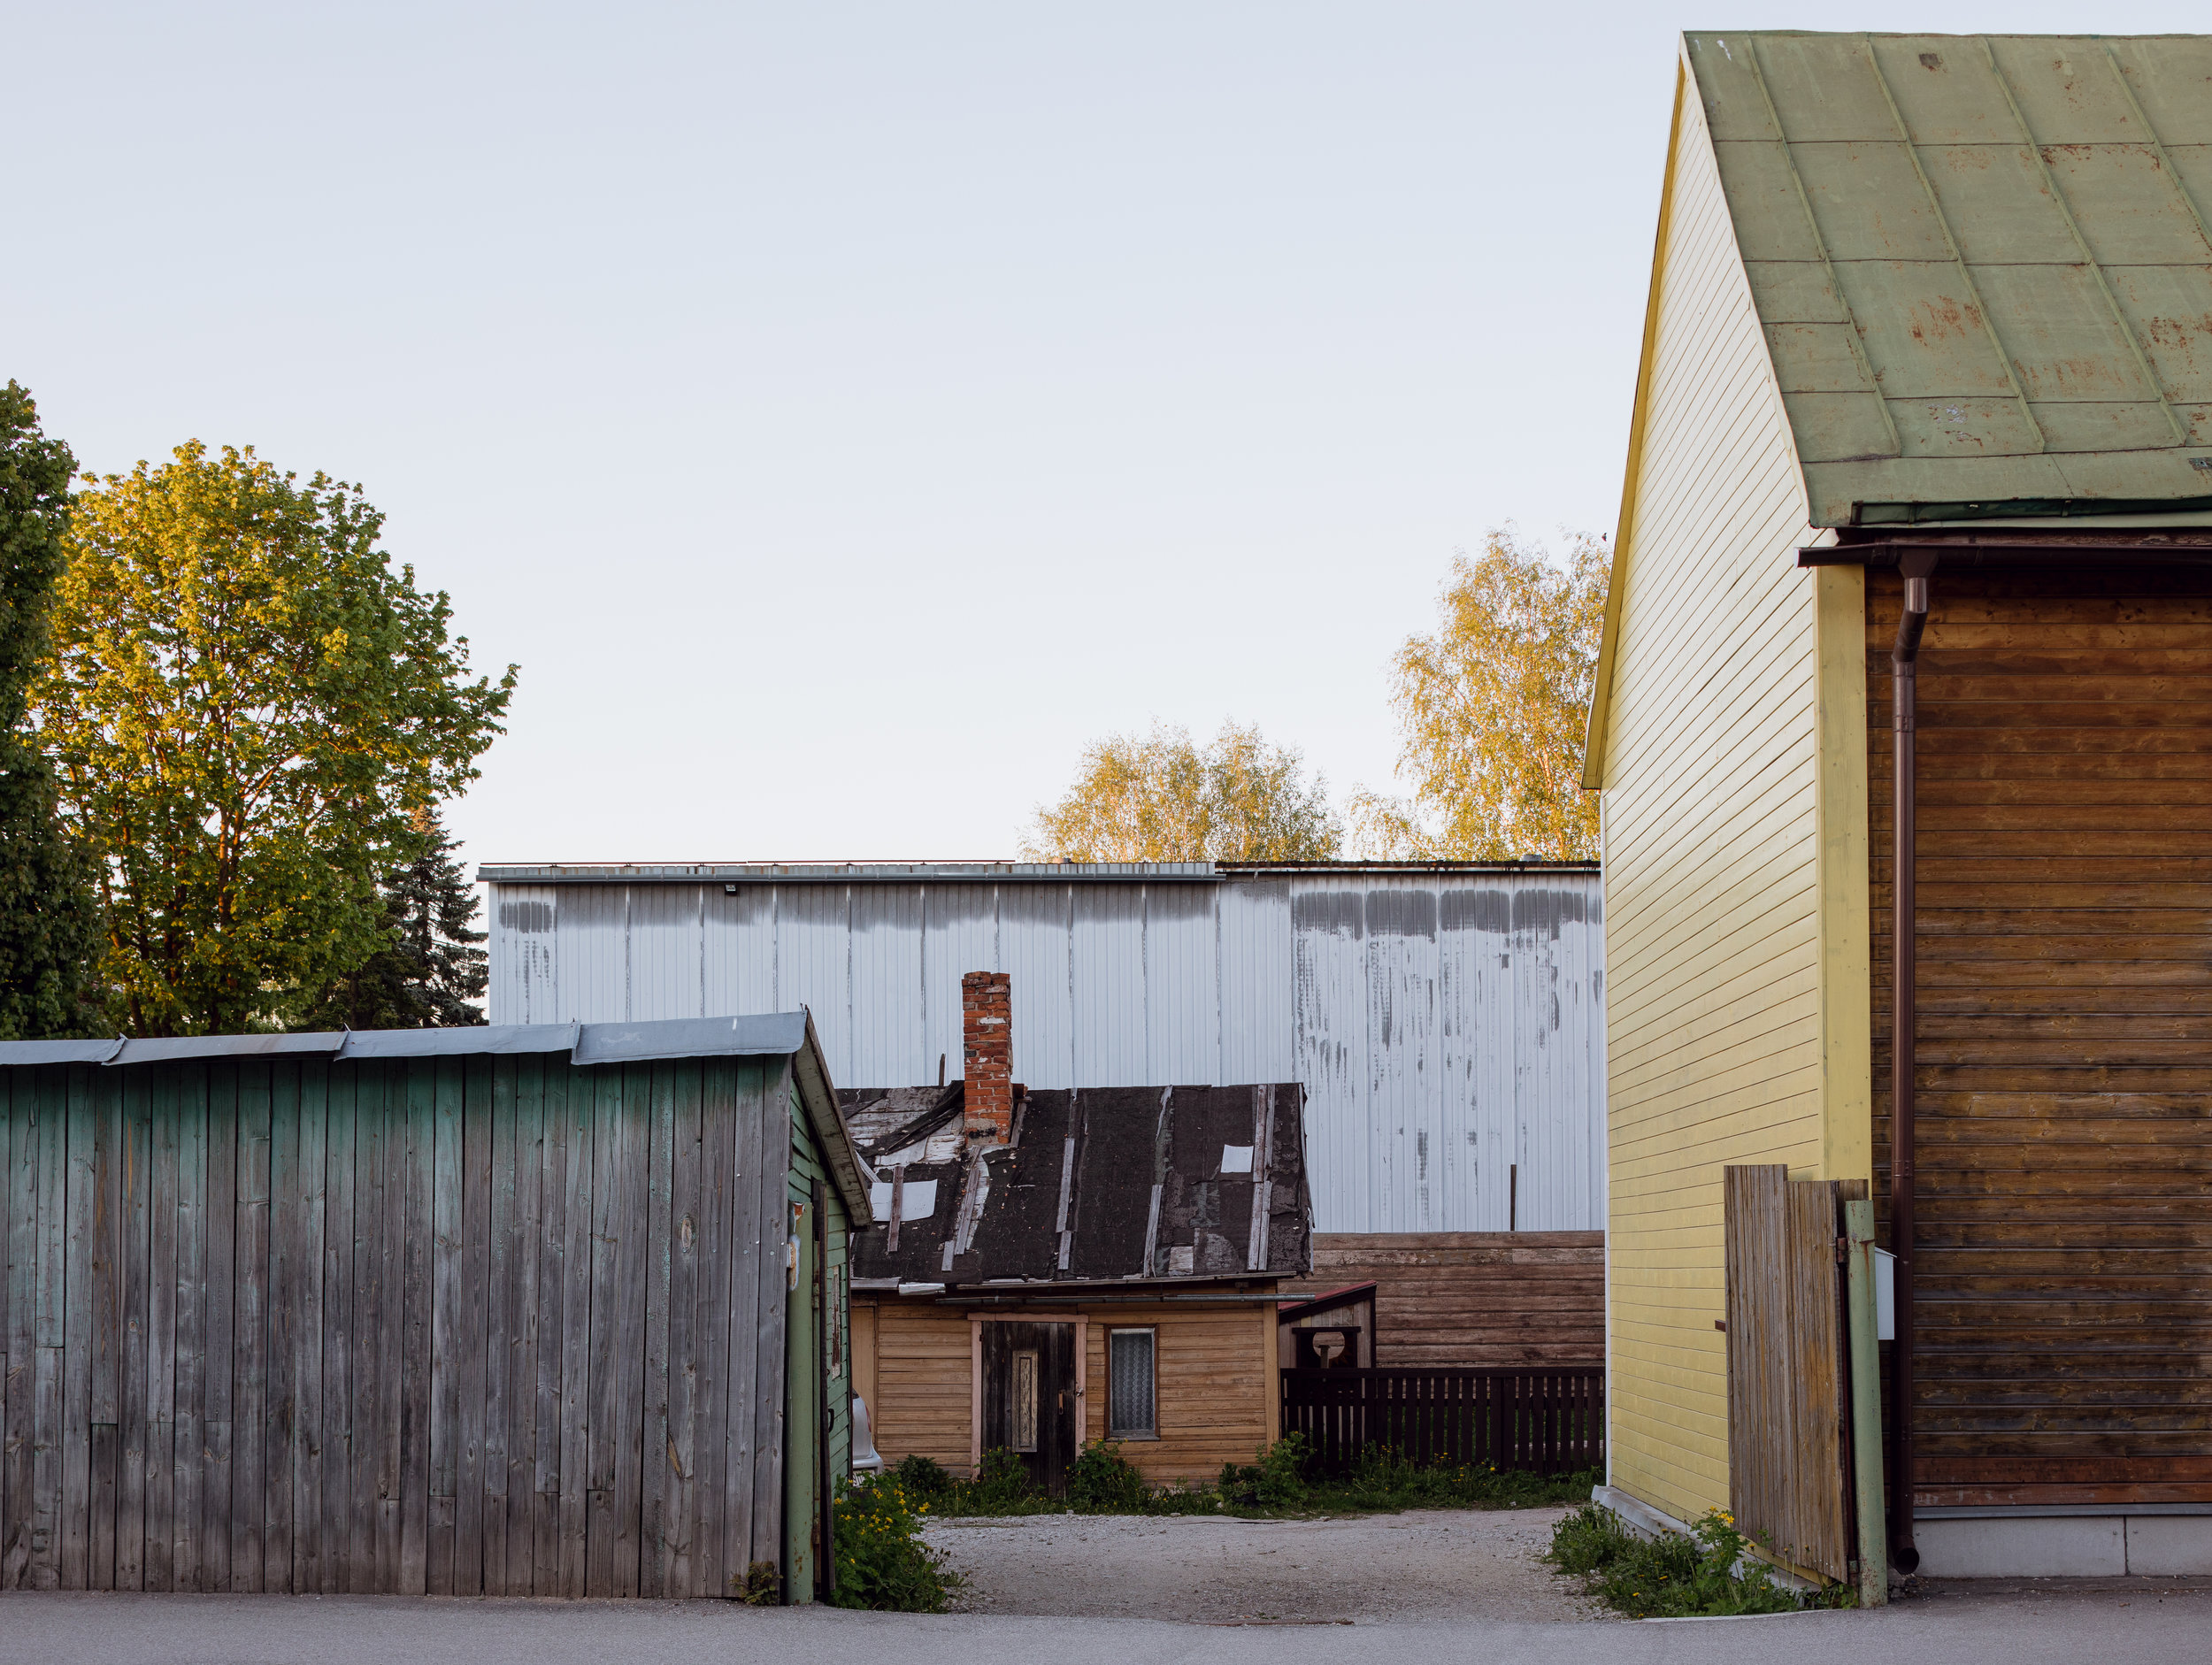 Karlova, Tartu, Estonia, May 2019